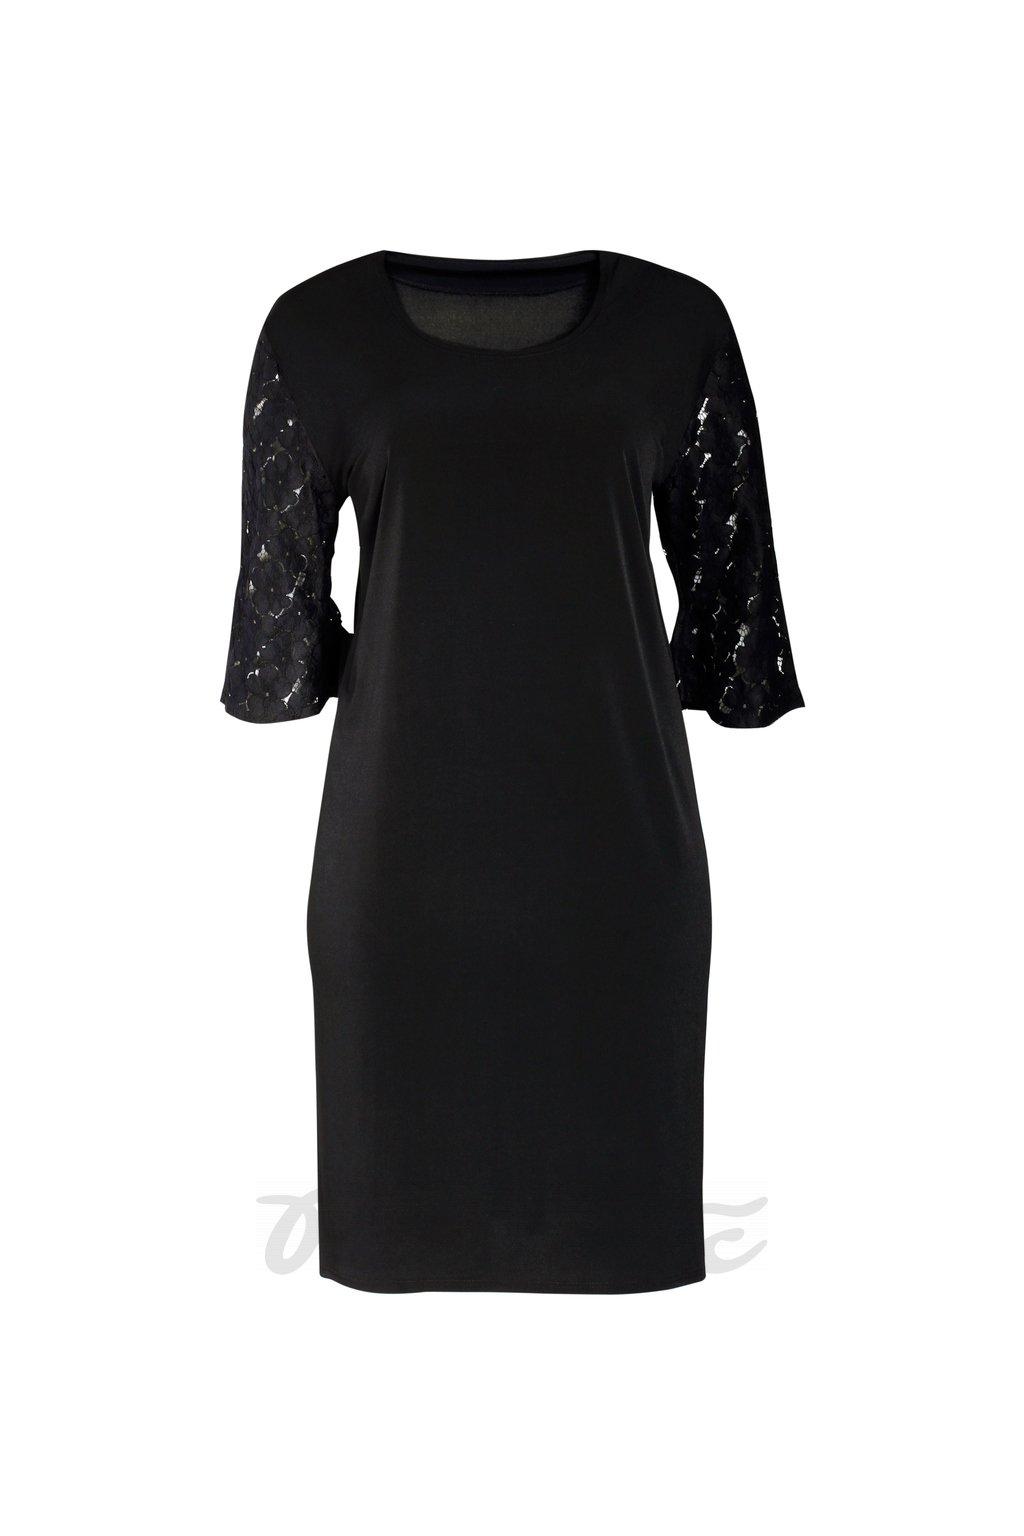 dámské šaty rovné černé 1